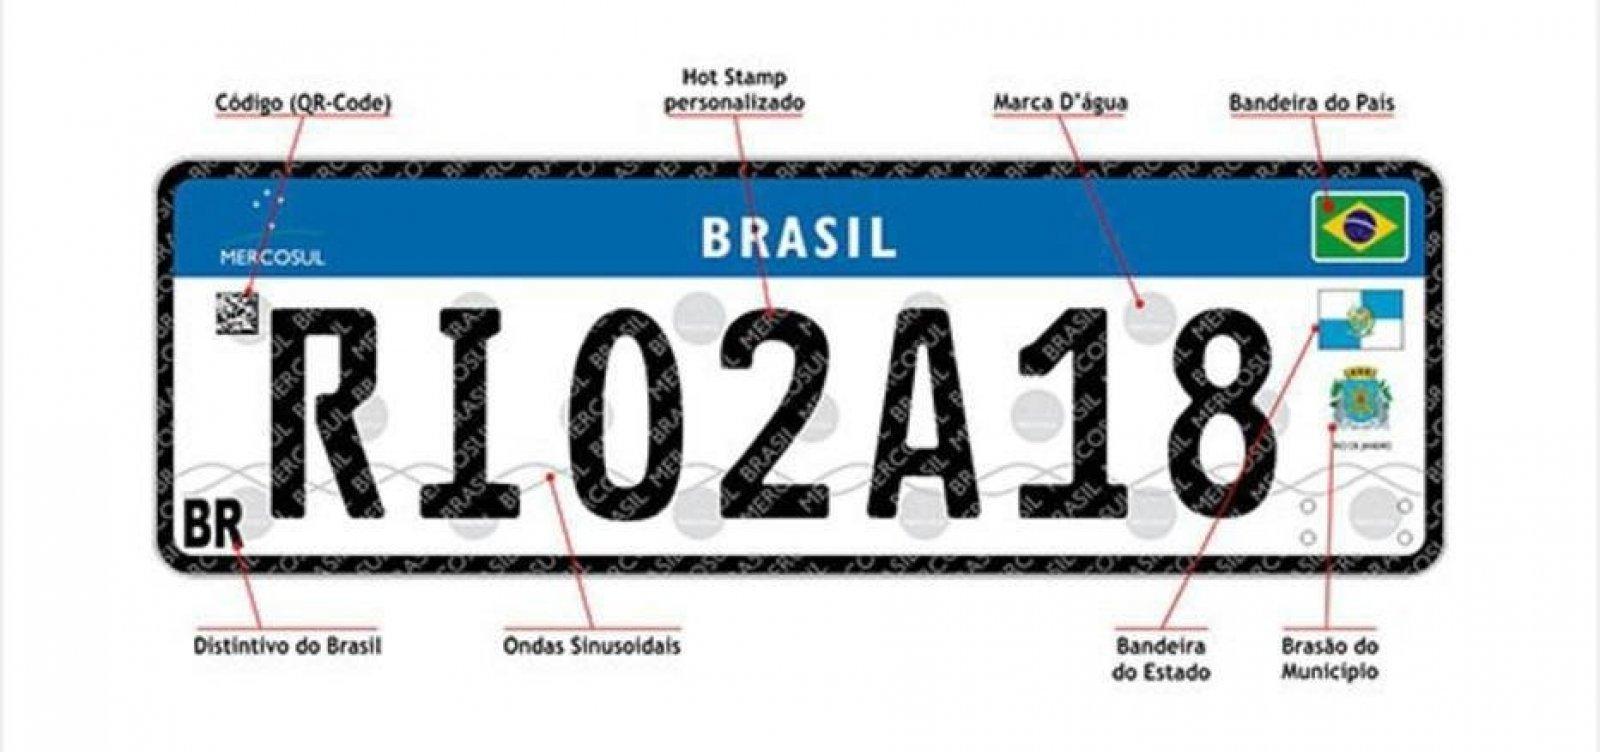 Contran acata Justiça e suspende novas placas de carro do Mercosul no País